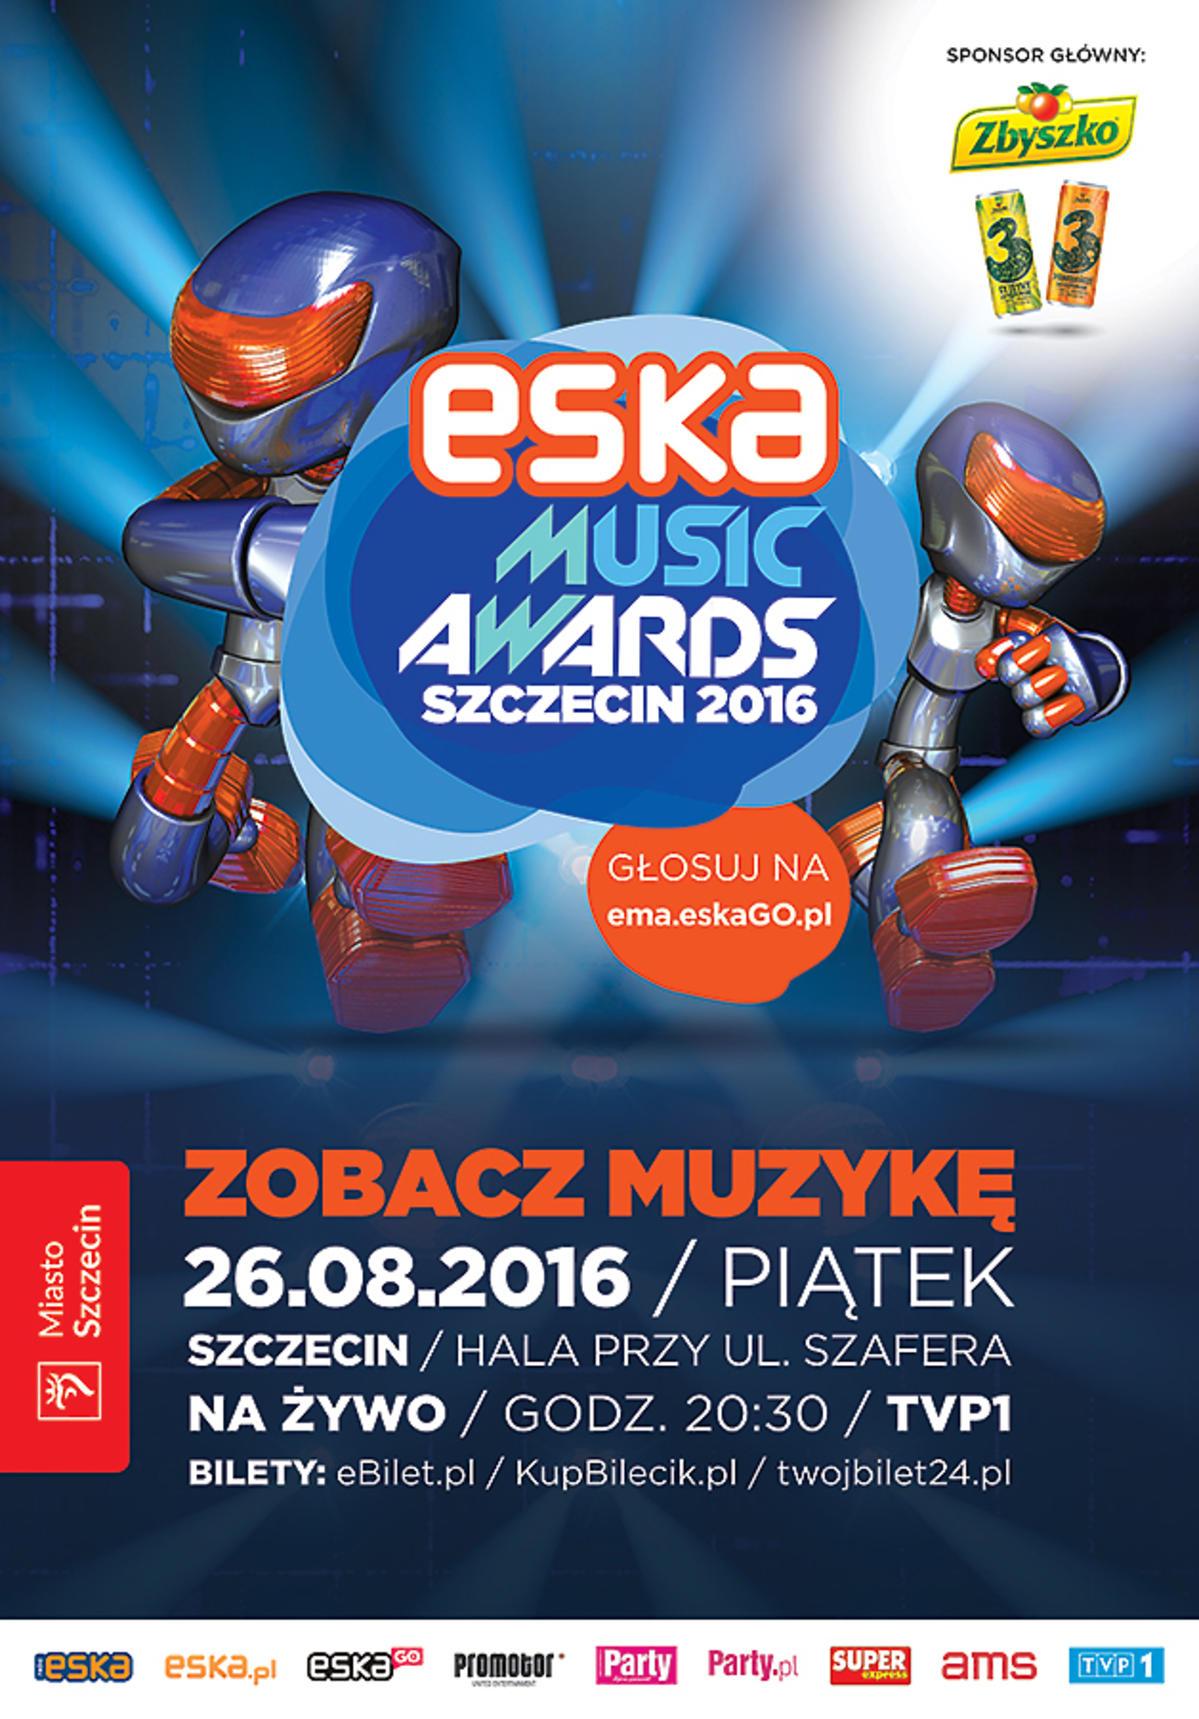 Eska Music Awards 2016